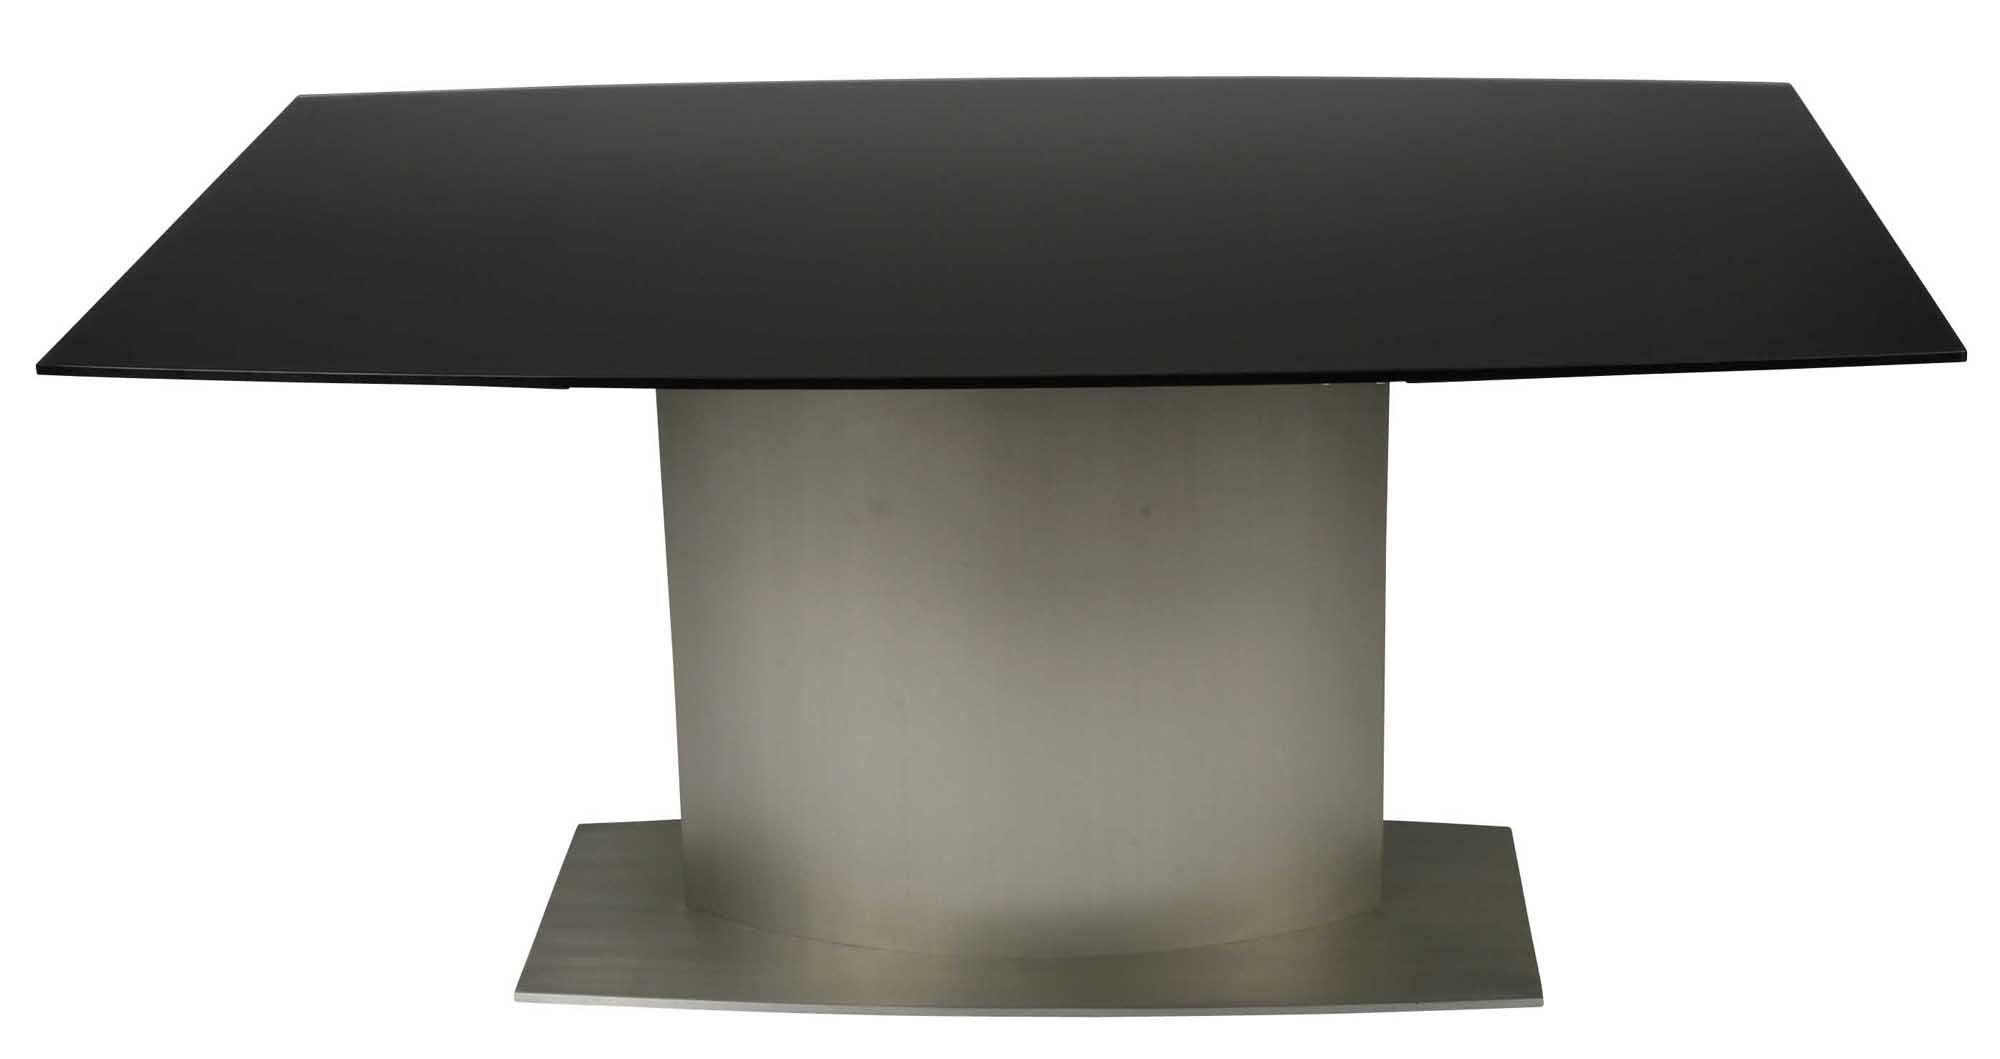 Whiteline Unique Extendable Dining Table